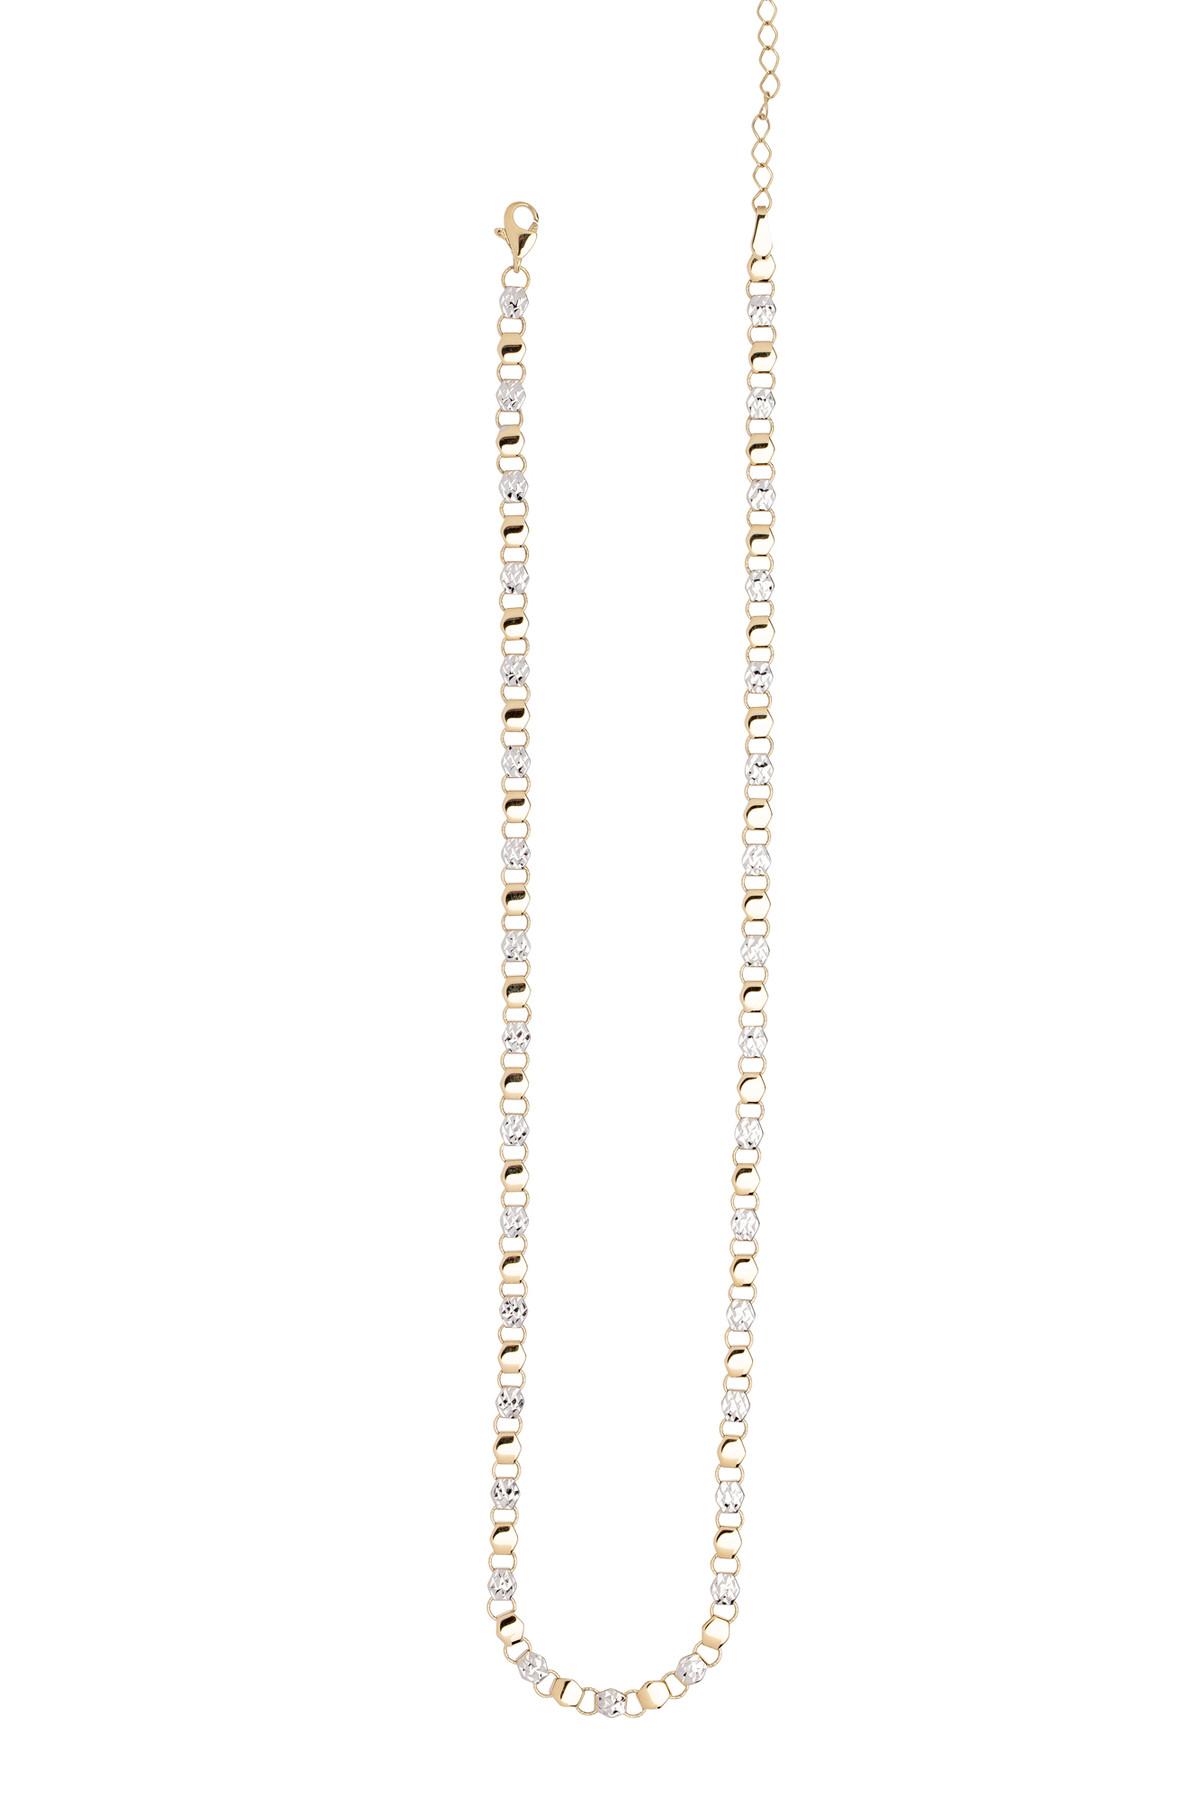 Eder Goldschmuck Gold-Collier 40 cm 14kt | 585 er Gelbgold / Weißgold 15.EG218